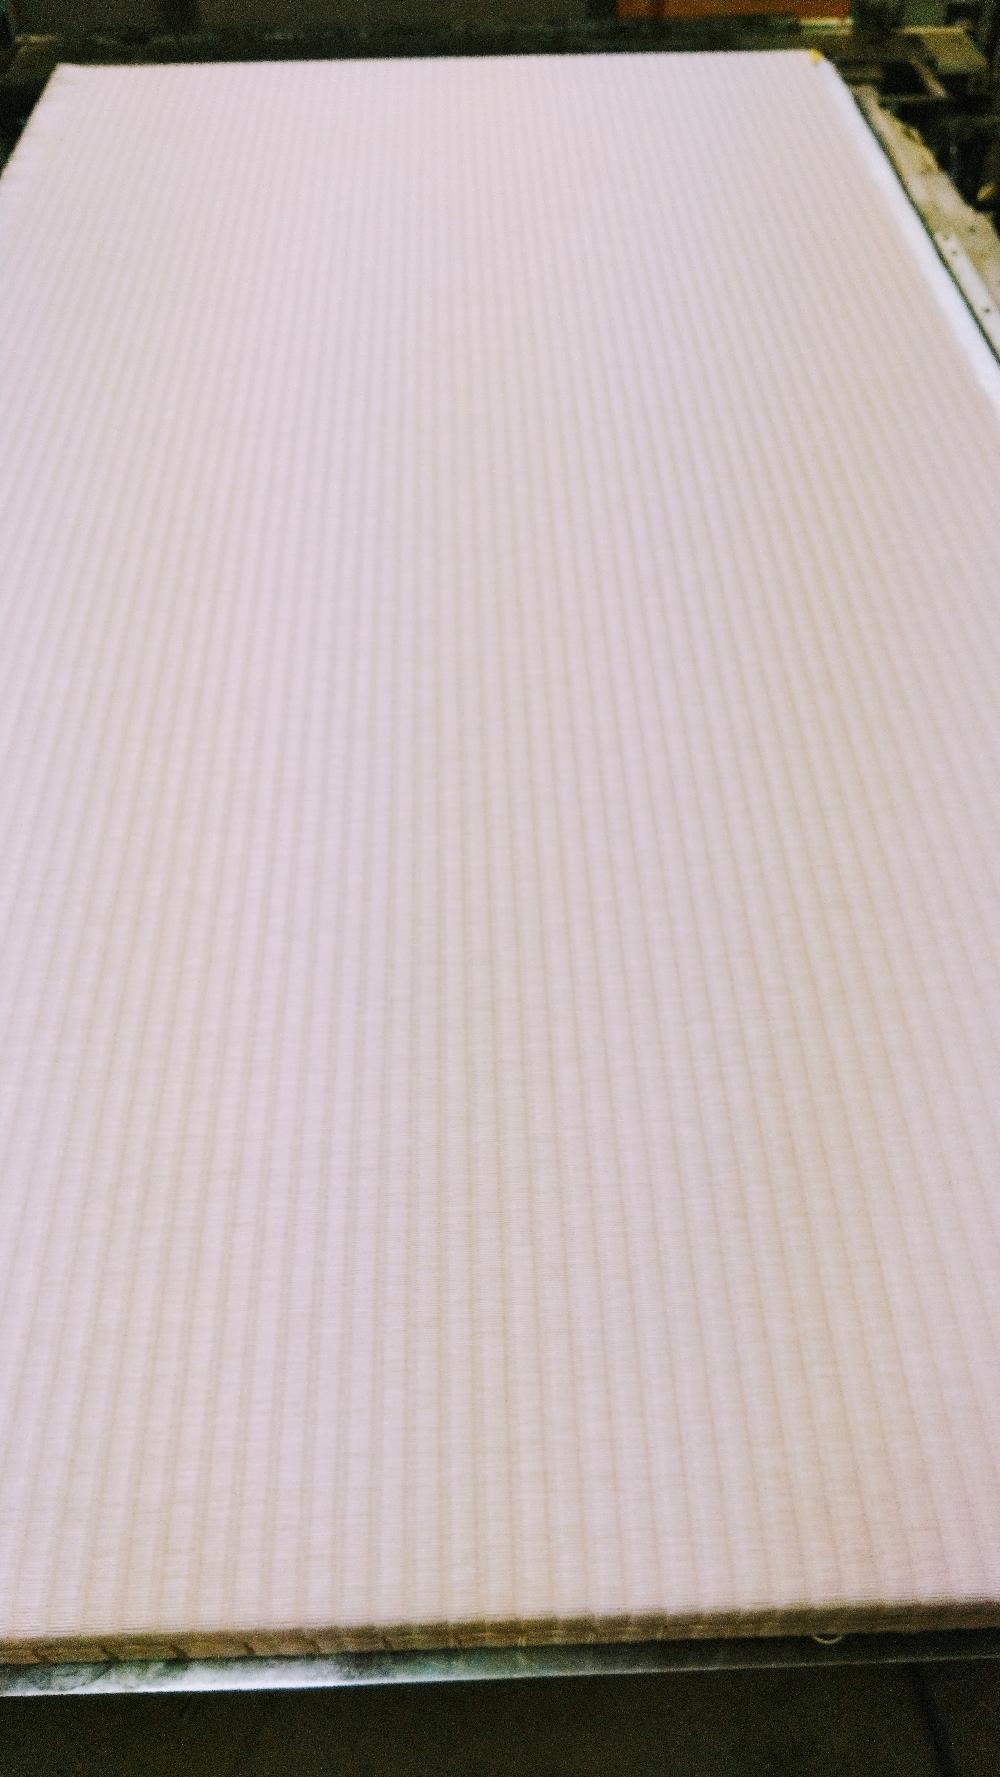 セキスイ美草(樹脂表)ピンク色を使用して新畳作業をしました。